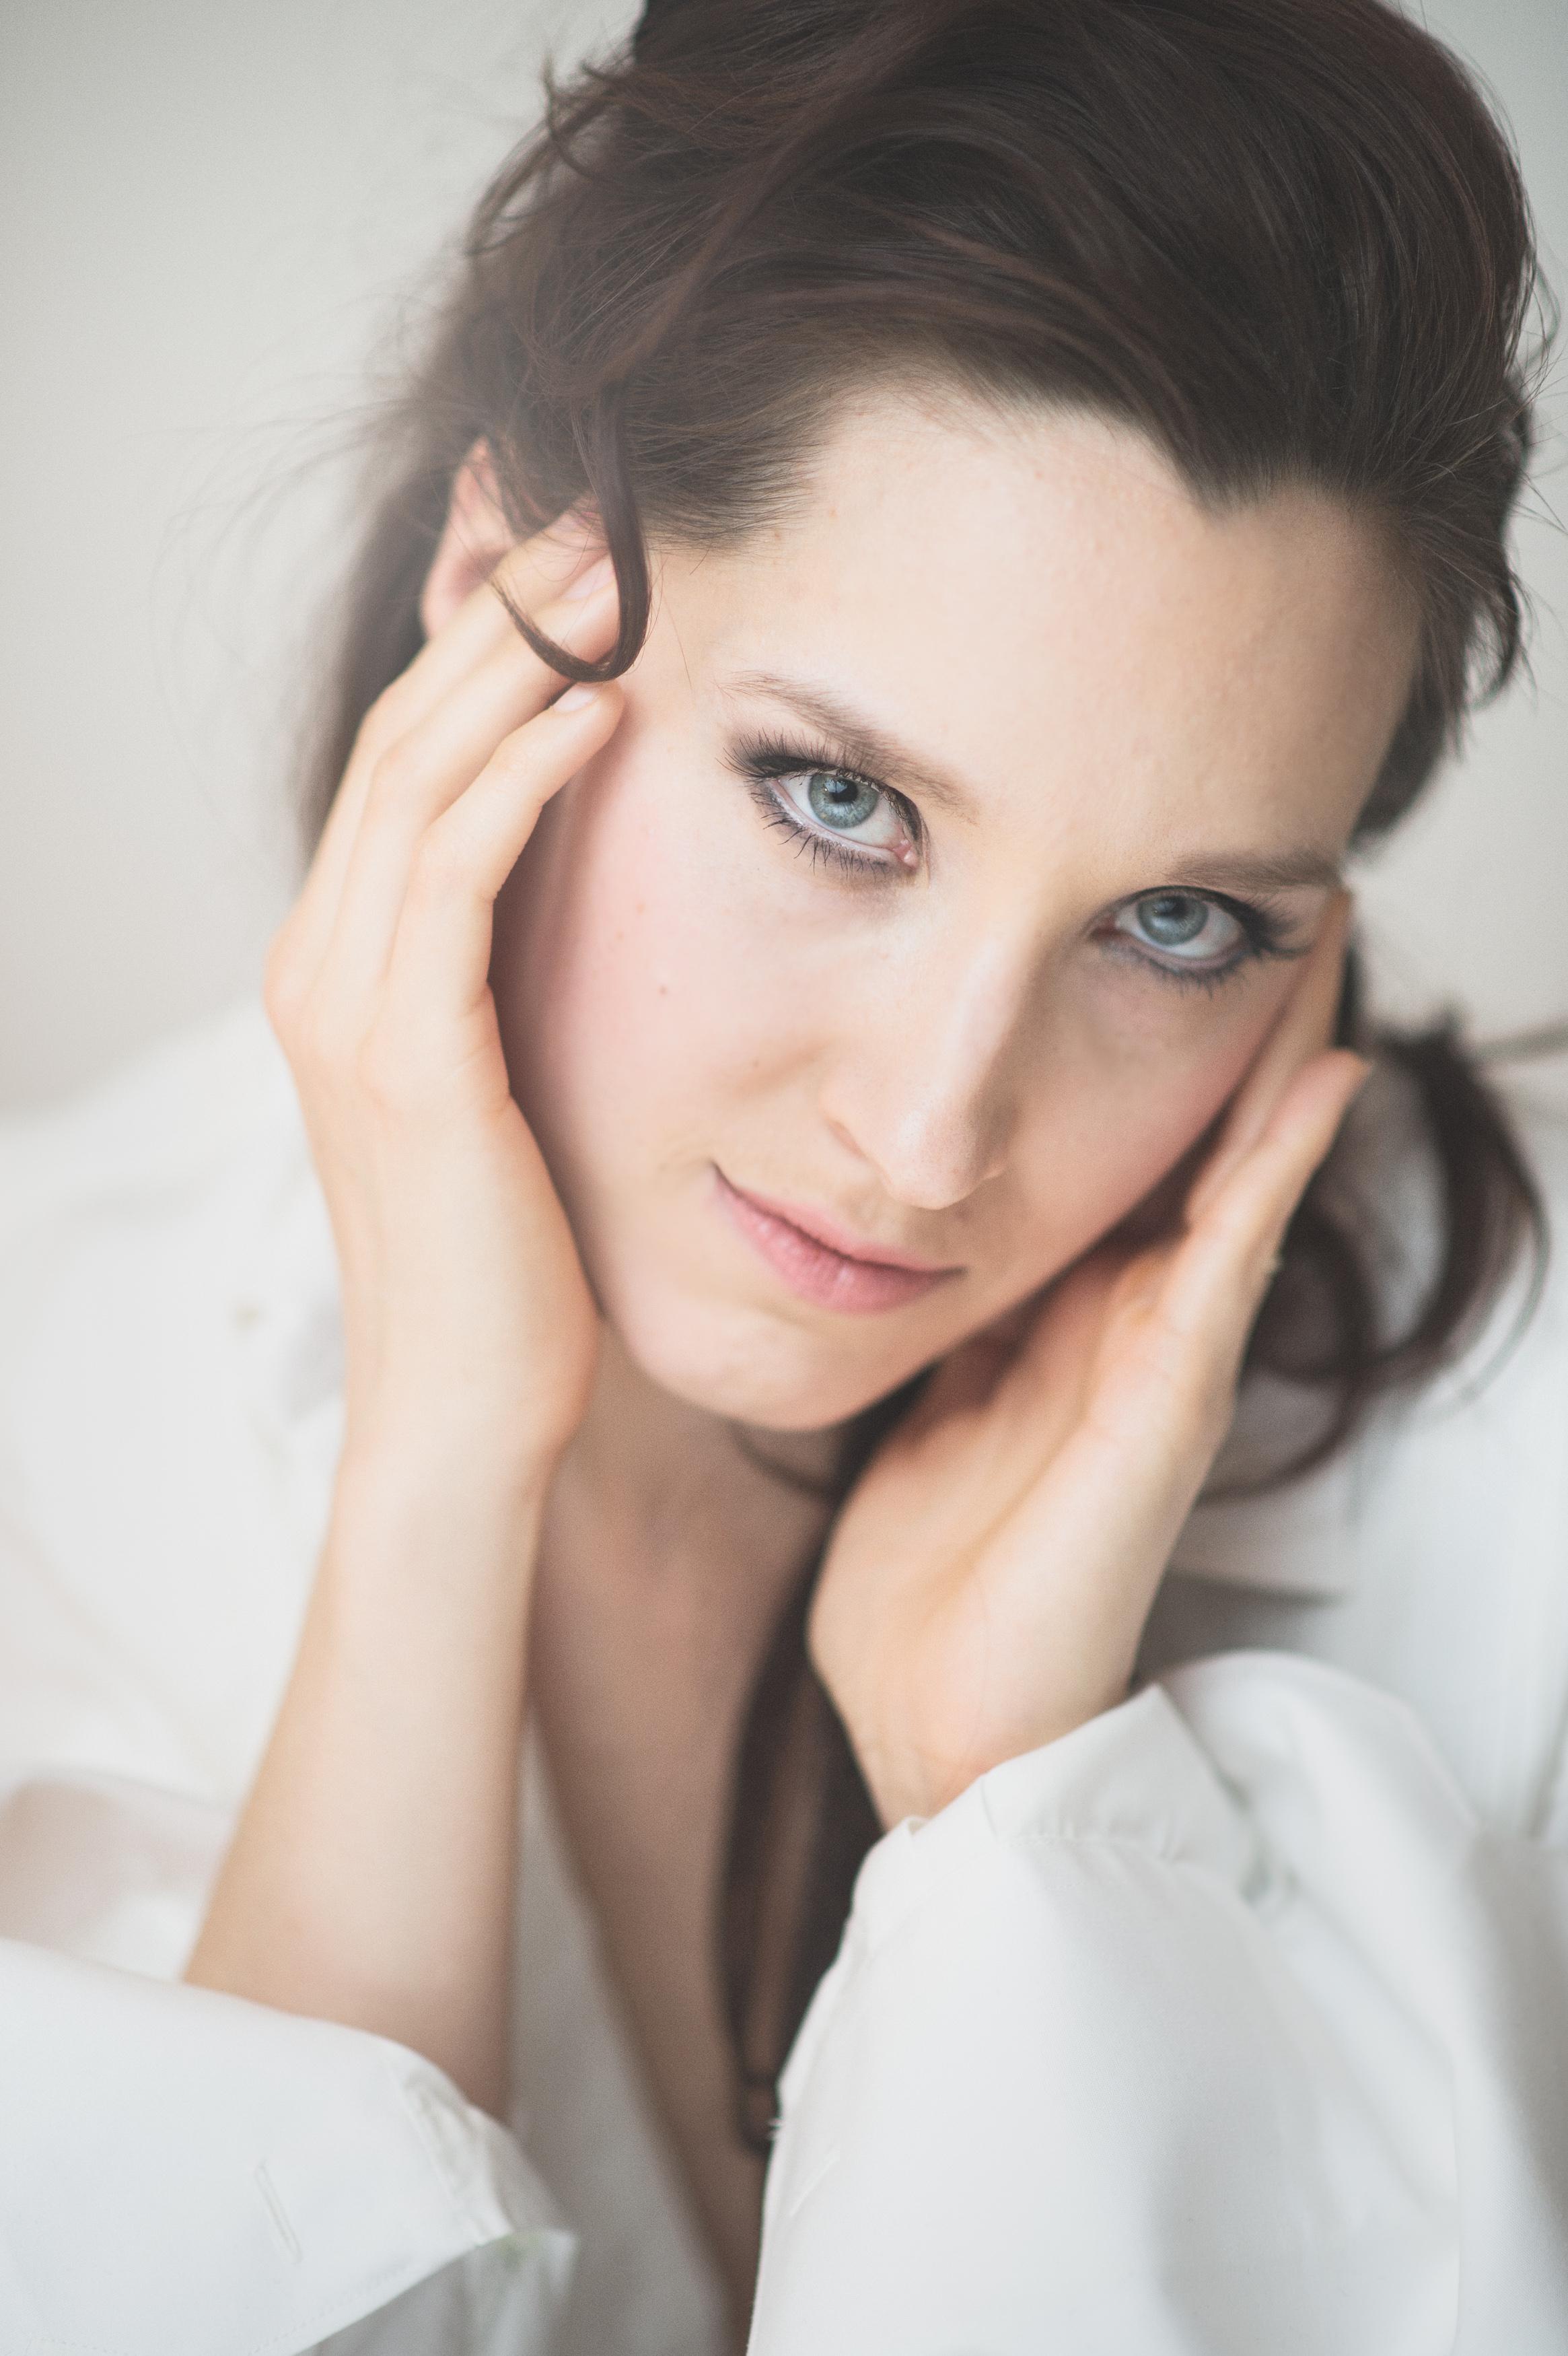 Photo  Jukka Alasaari Photography  model Milla